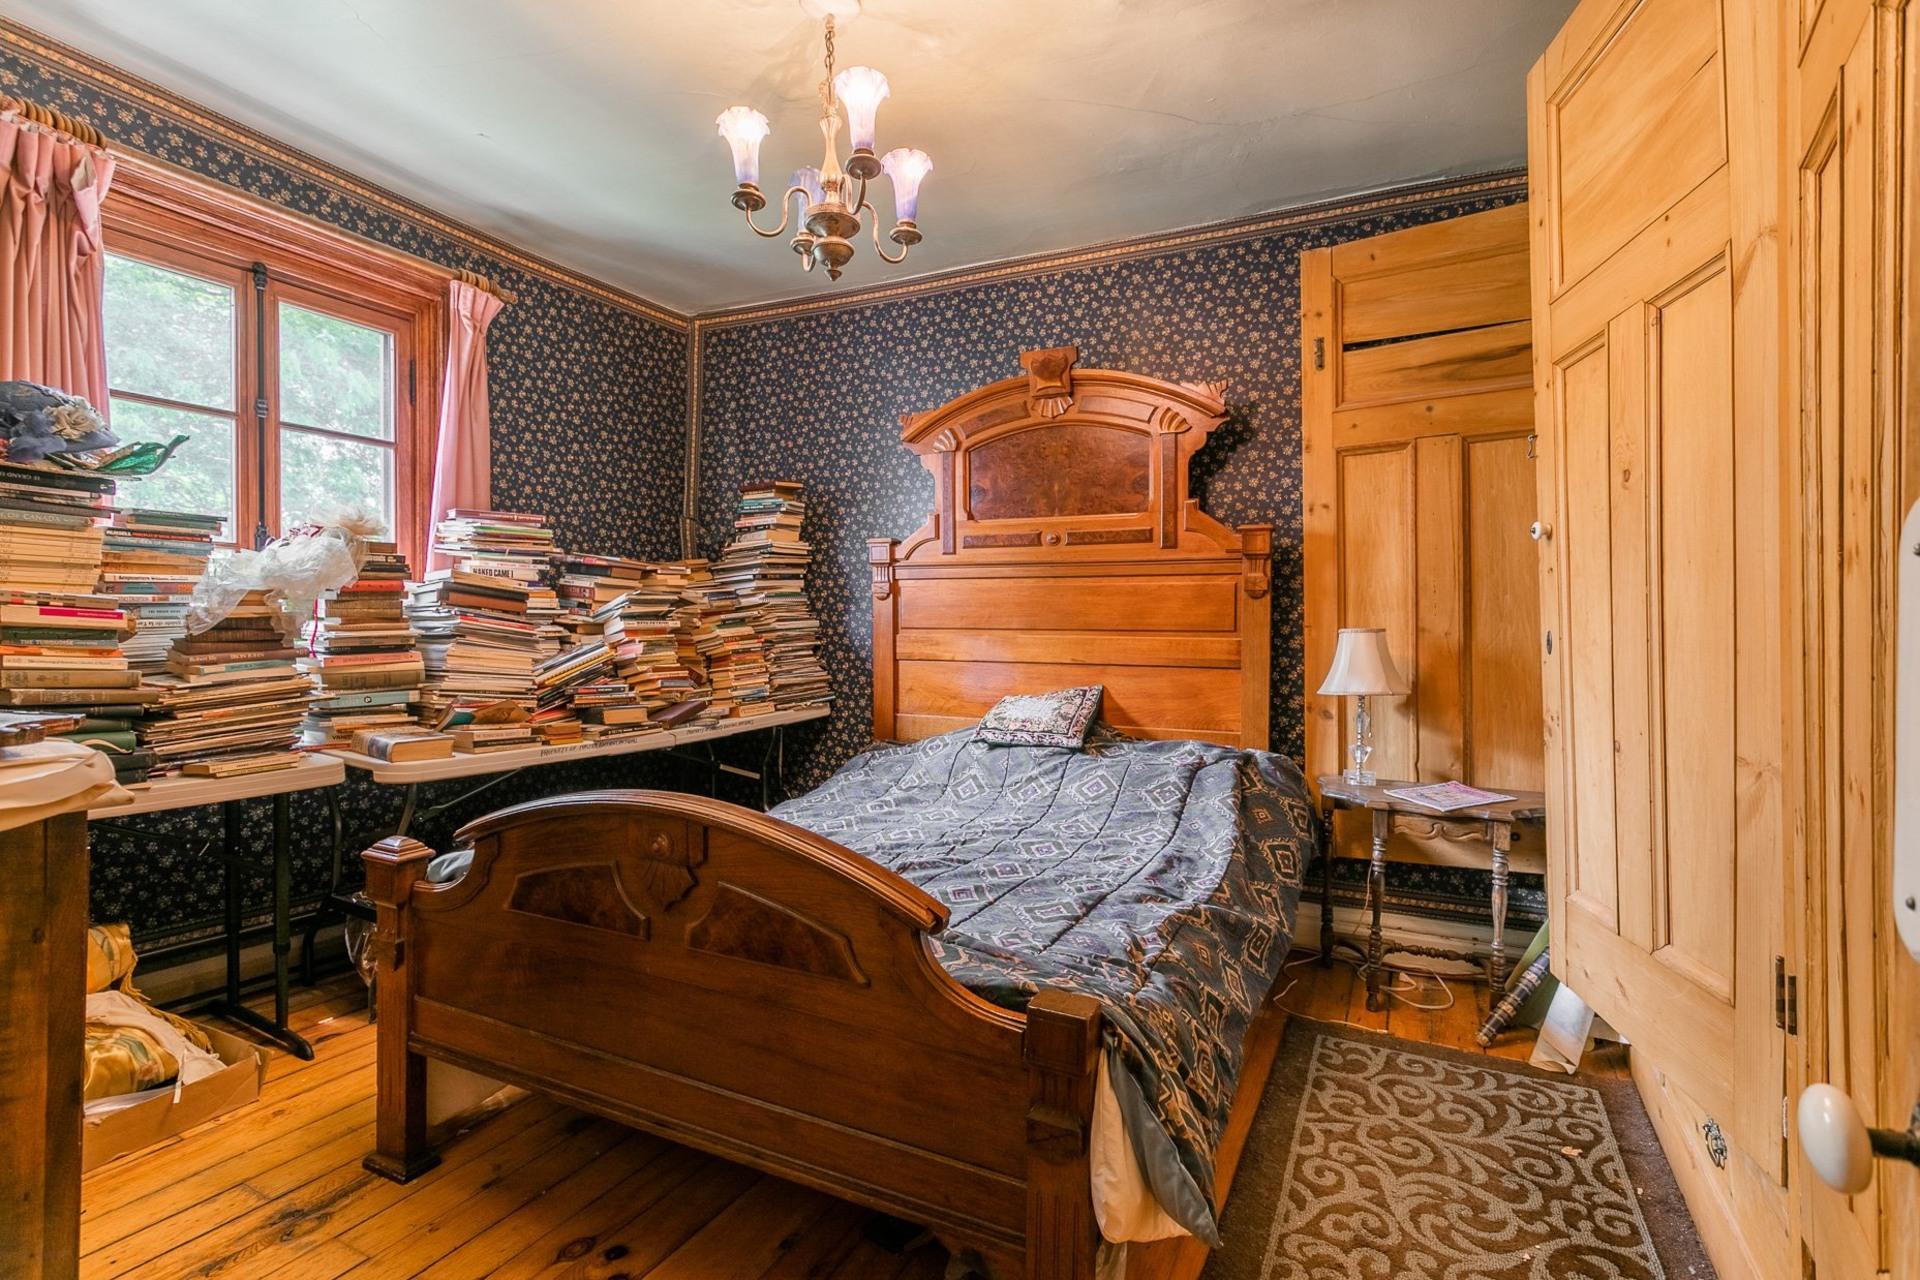 image 15 - Maison À vendre Le Plateau-Mont-Royal Montréal  - 7 pièces